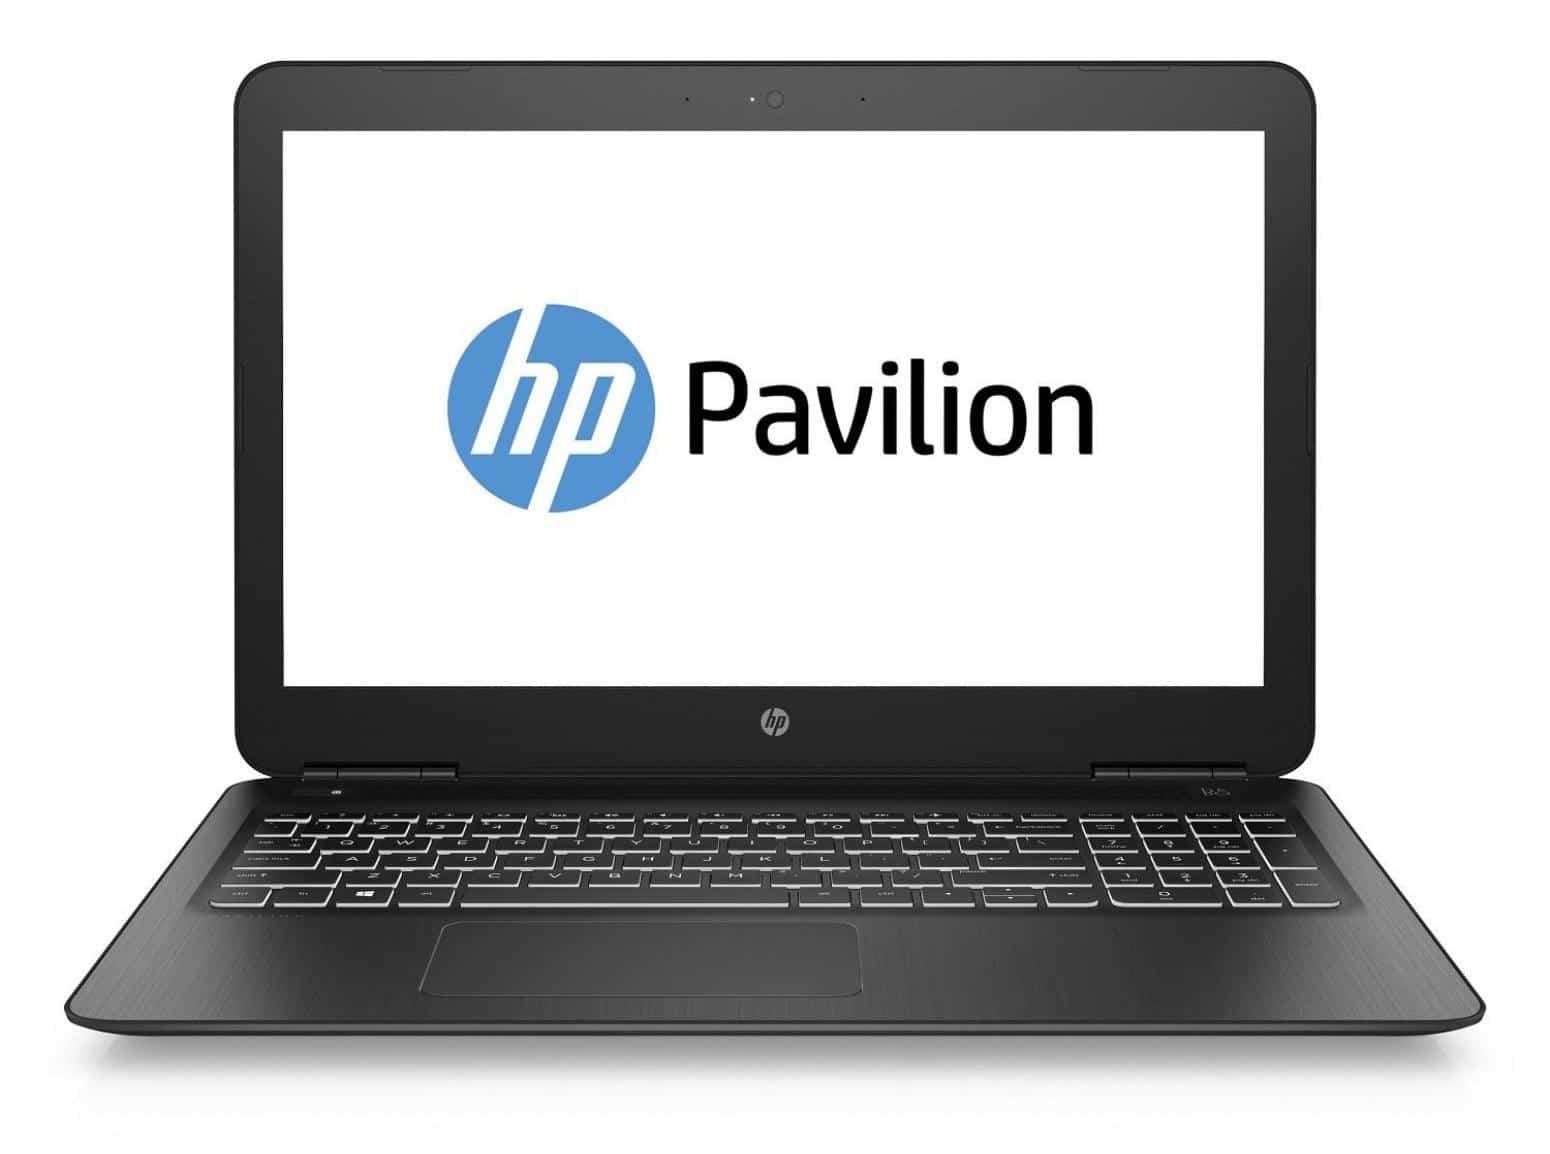 HP Pavilion 15-bc301nf, PC portable 15 pouces Full i5 Kaby GTX 950M à 610€